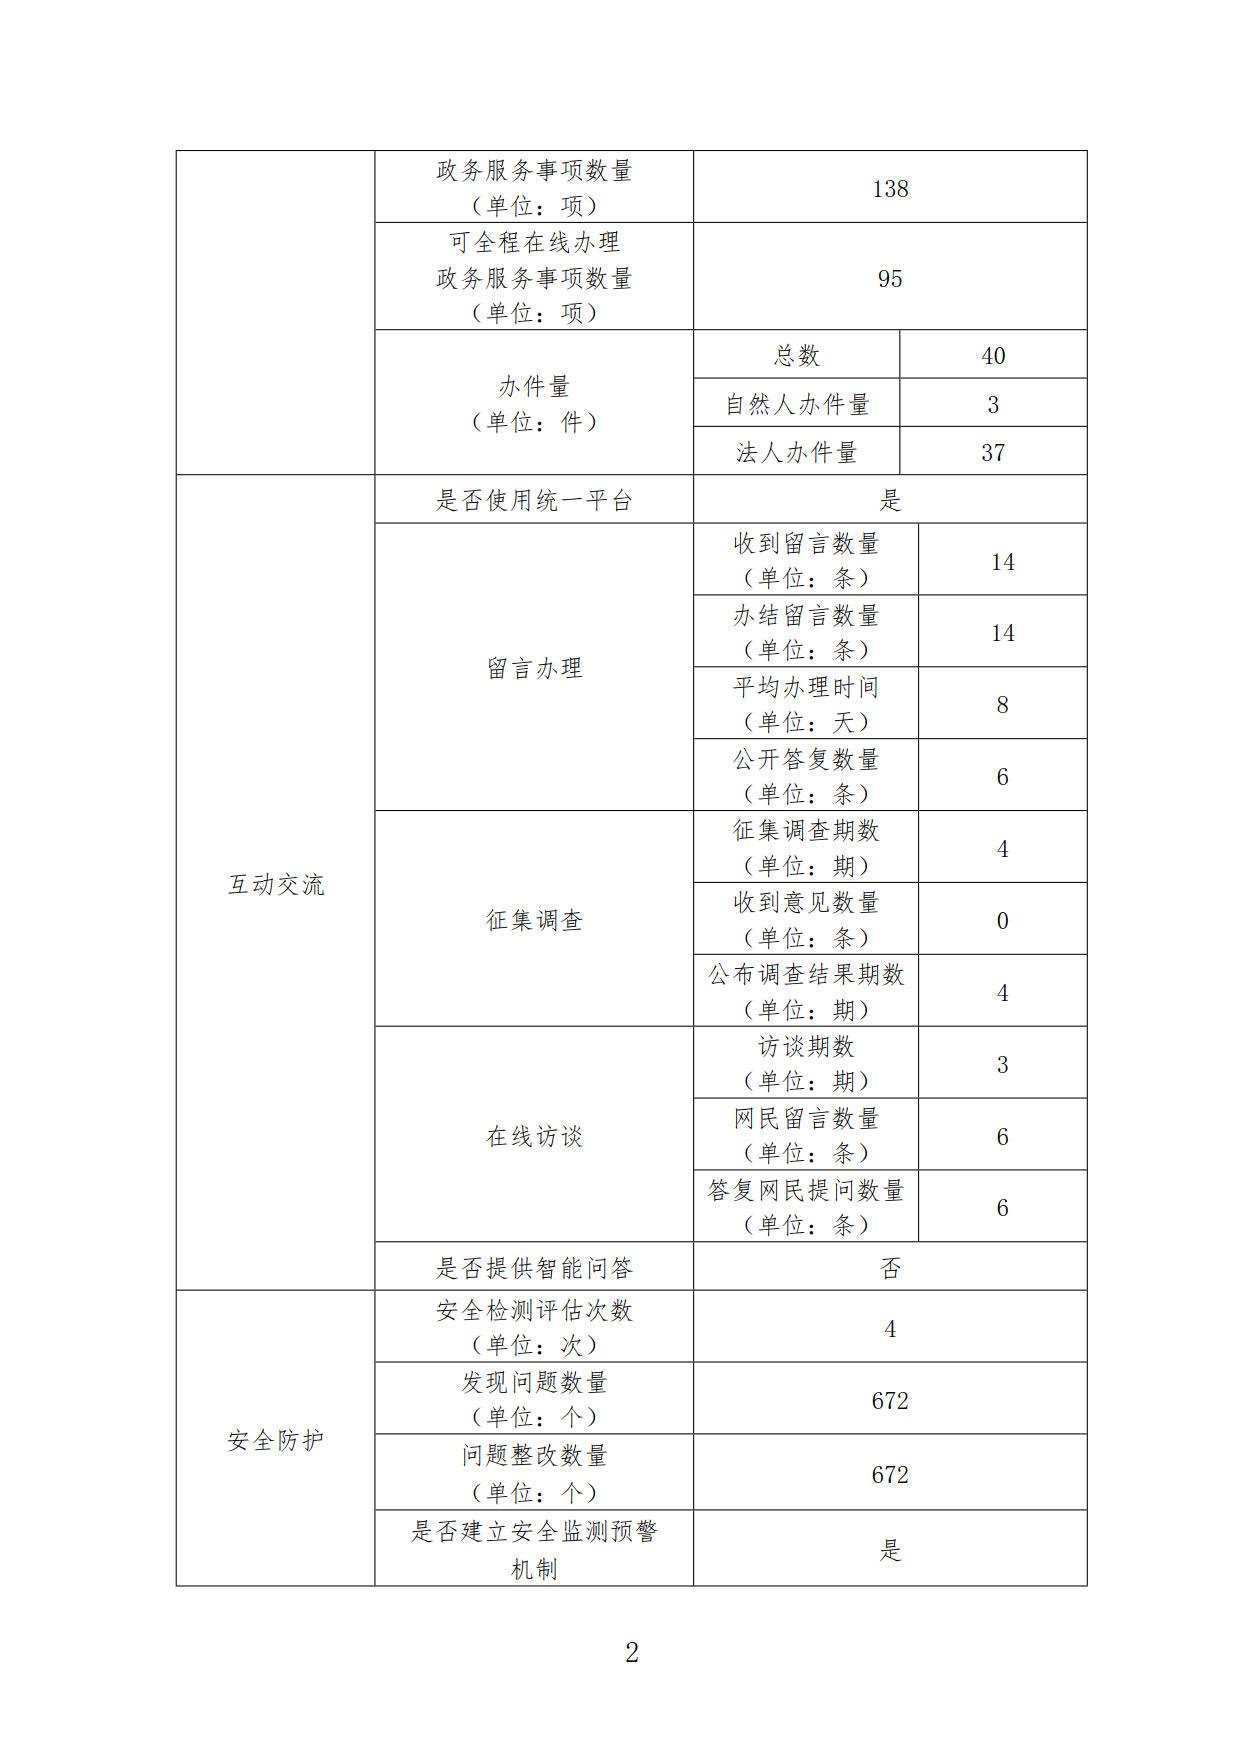 2019年政府网站工作年度报表_2.jpg